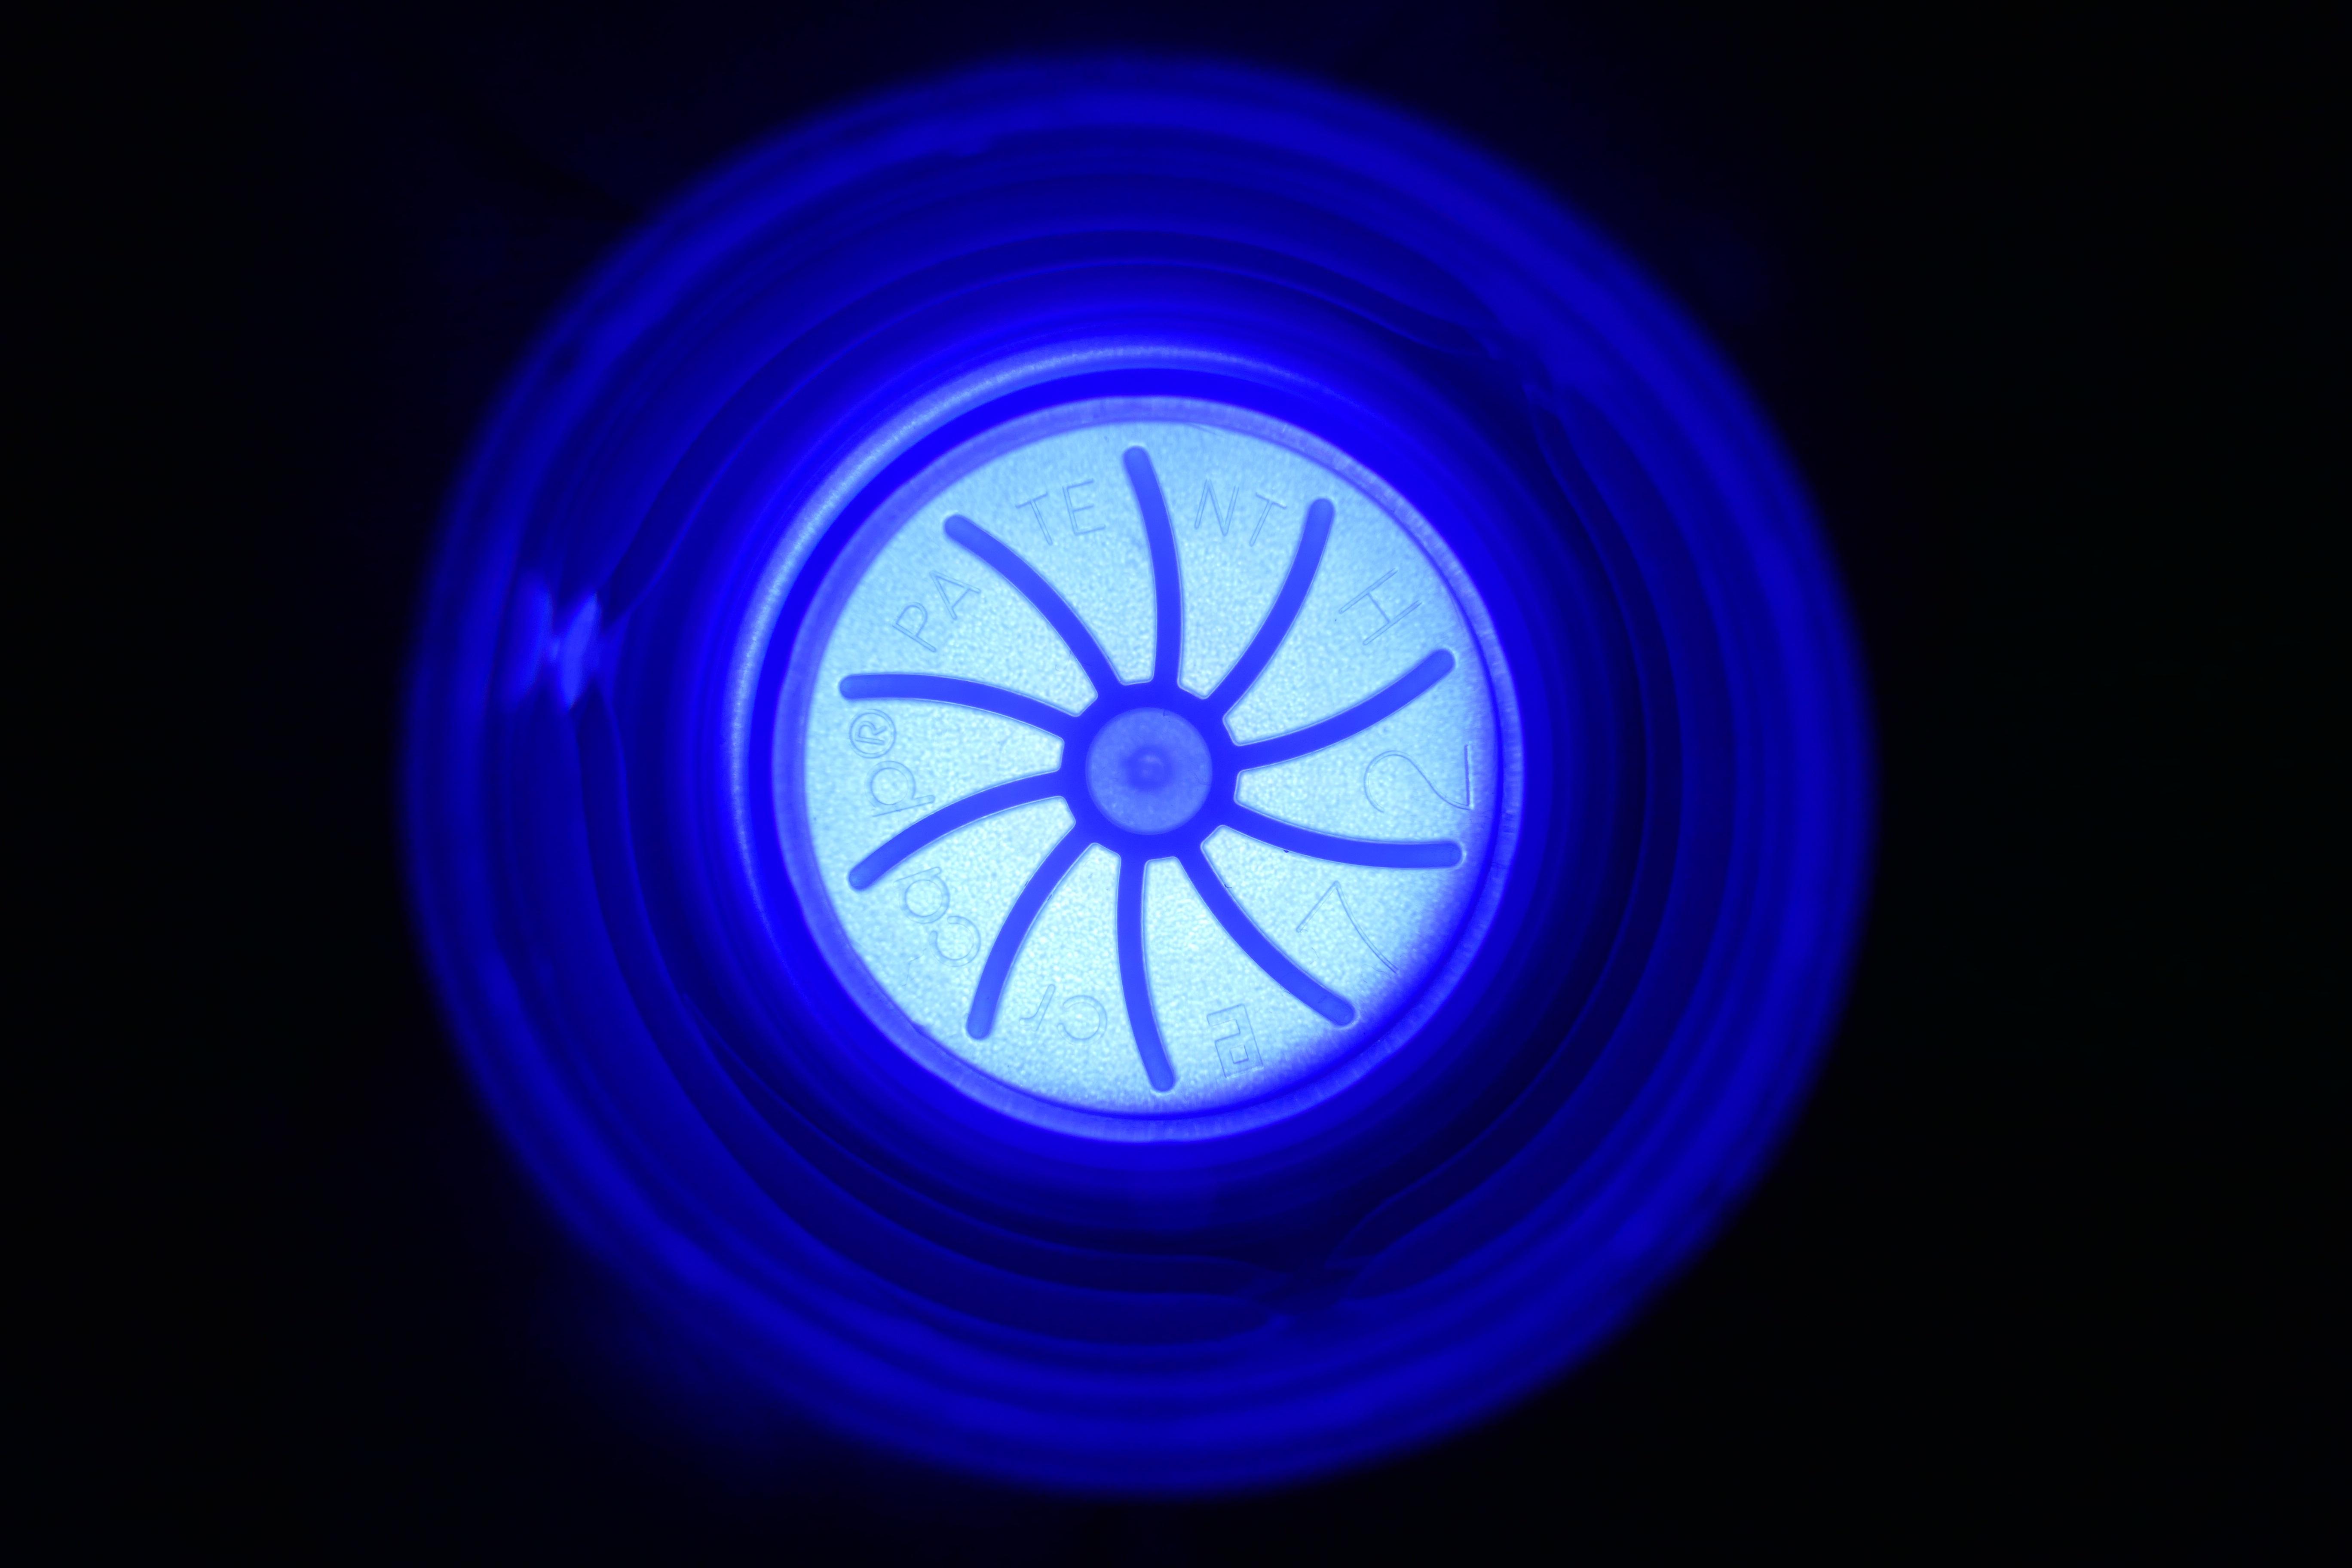 Immagini Belle Leggero Linea Colore Blu Cerchio Illuminato